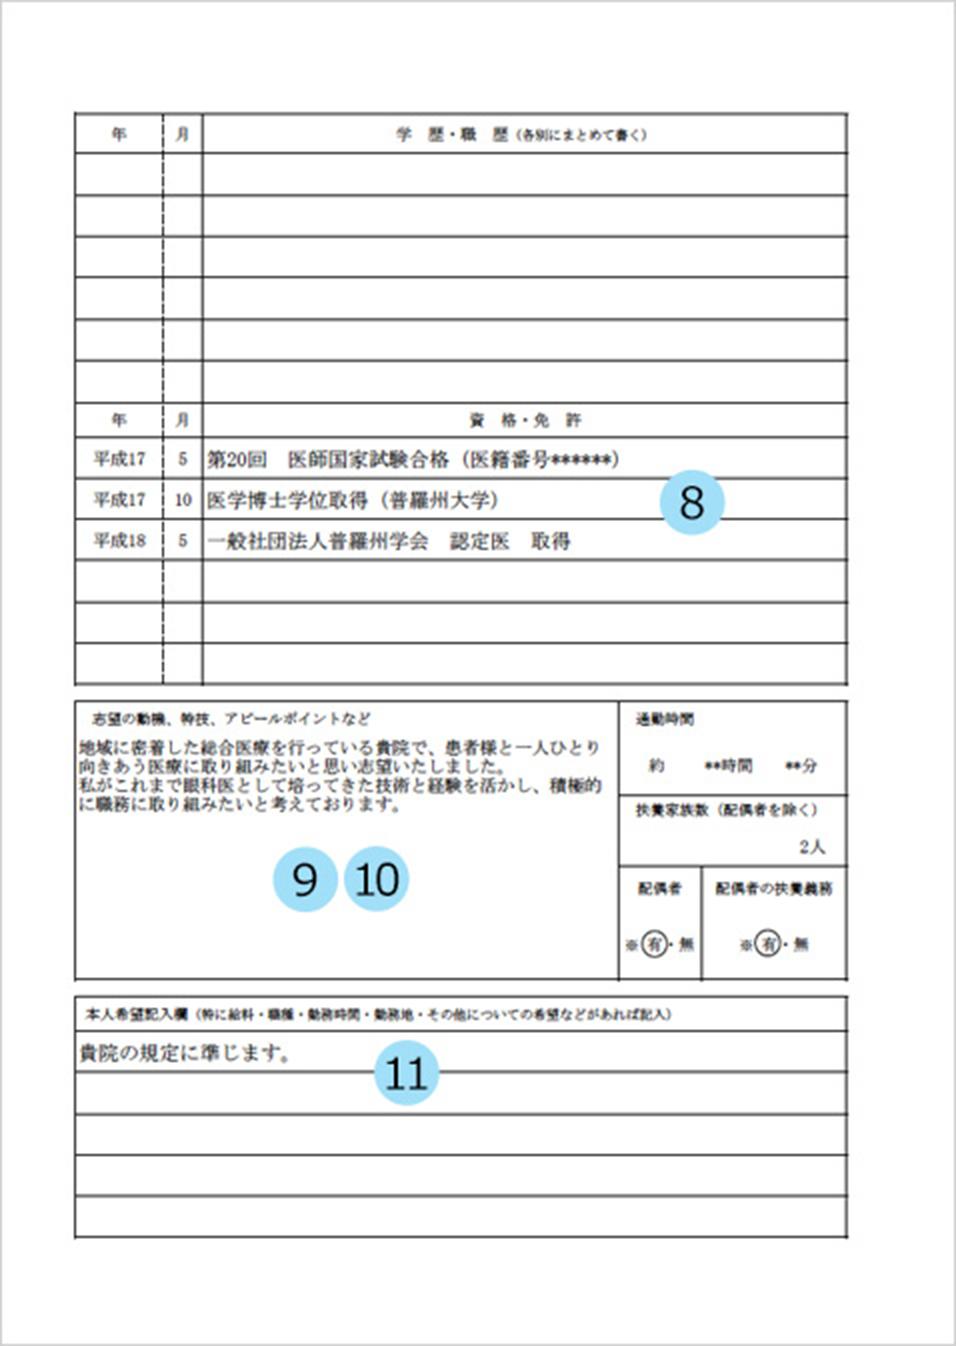 免許 履歴 書